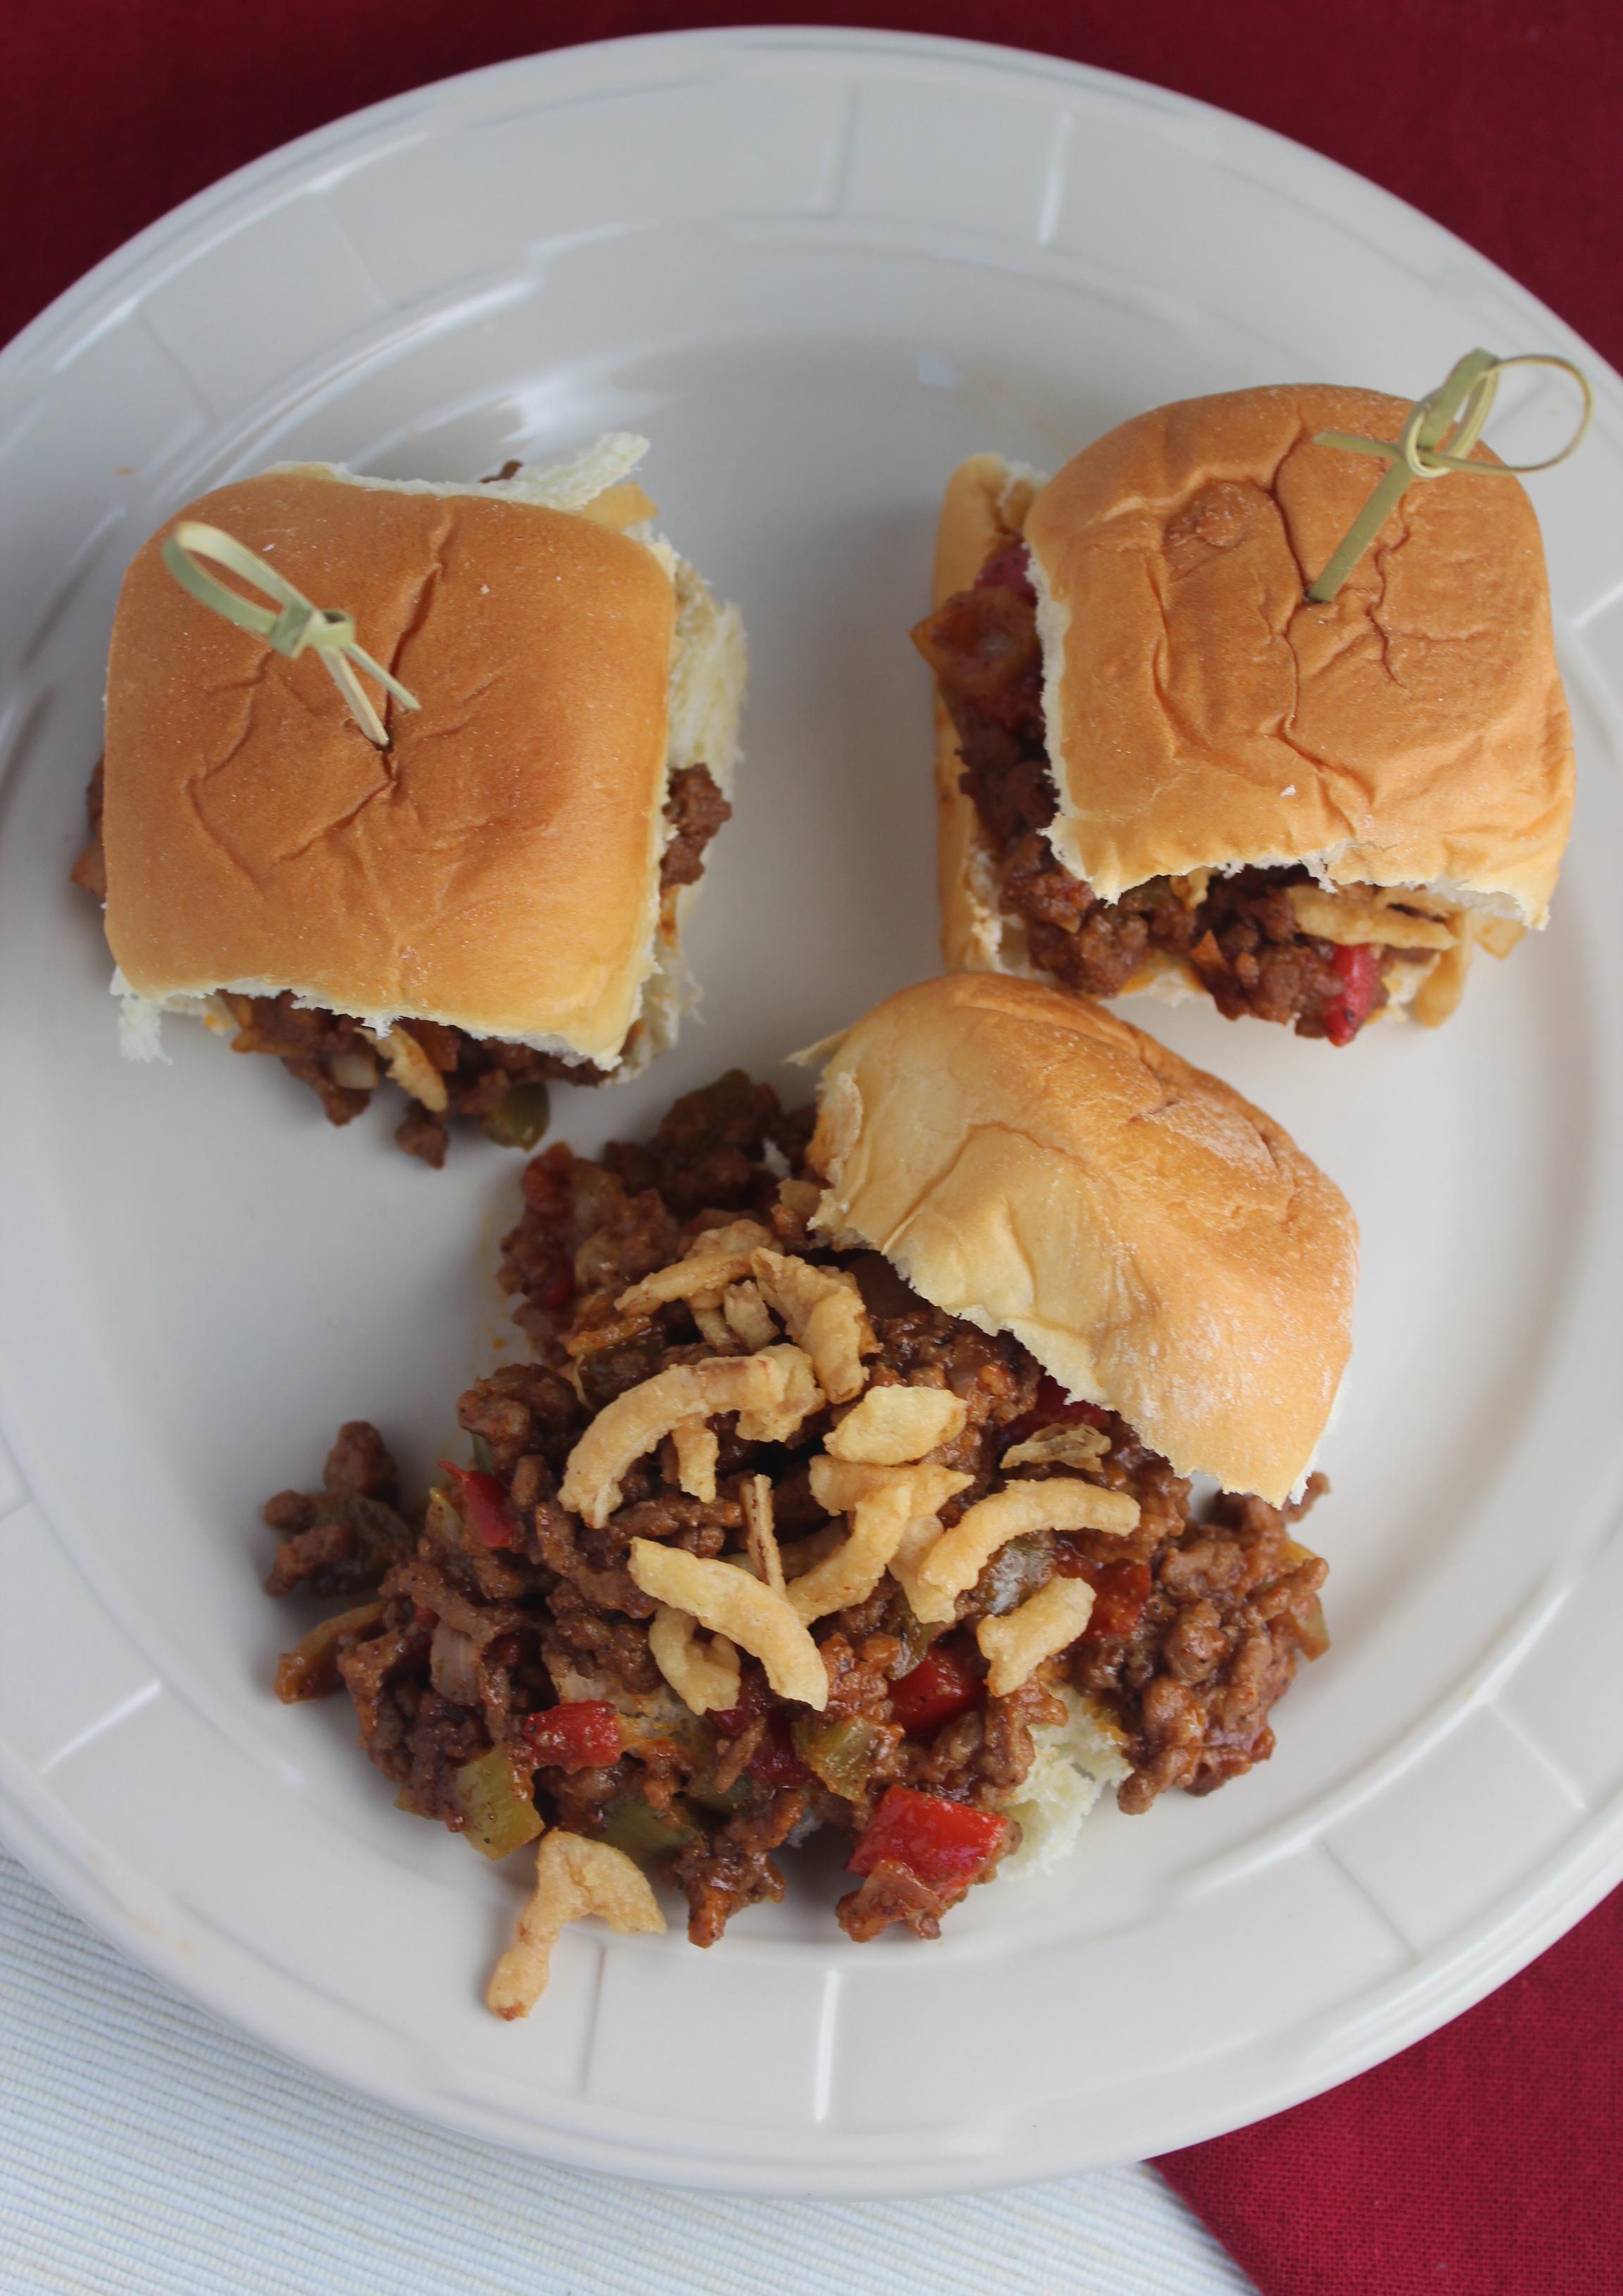 Gourmet Sloppy Joe Sliders